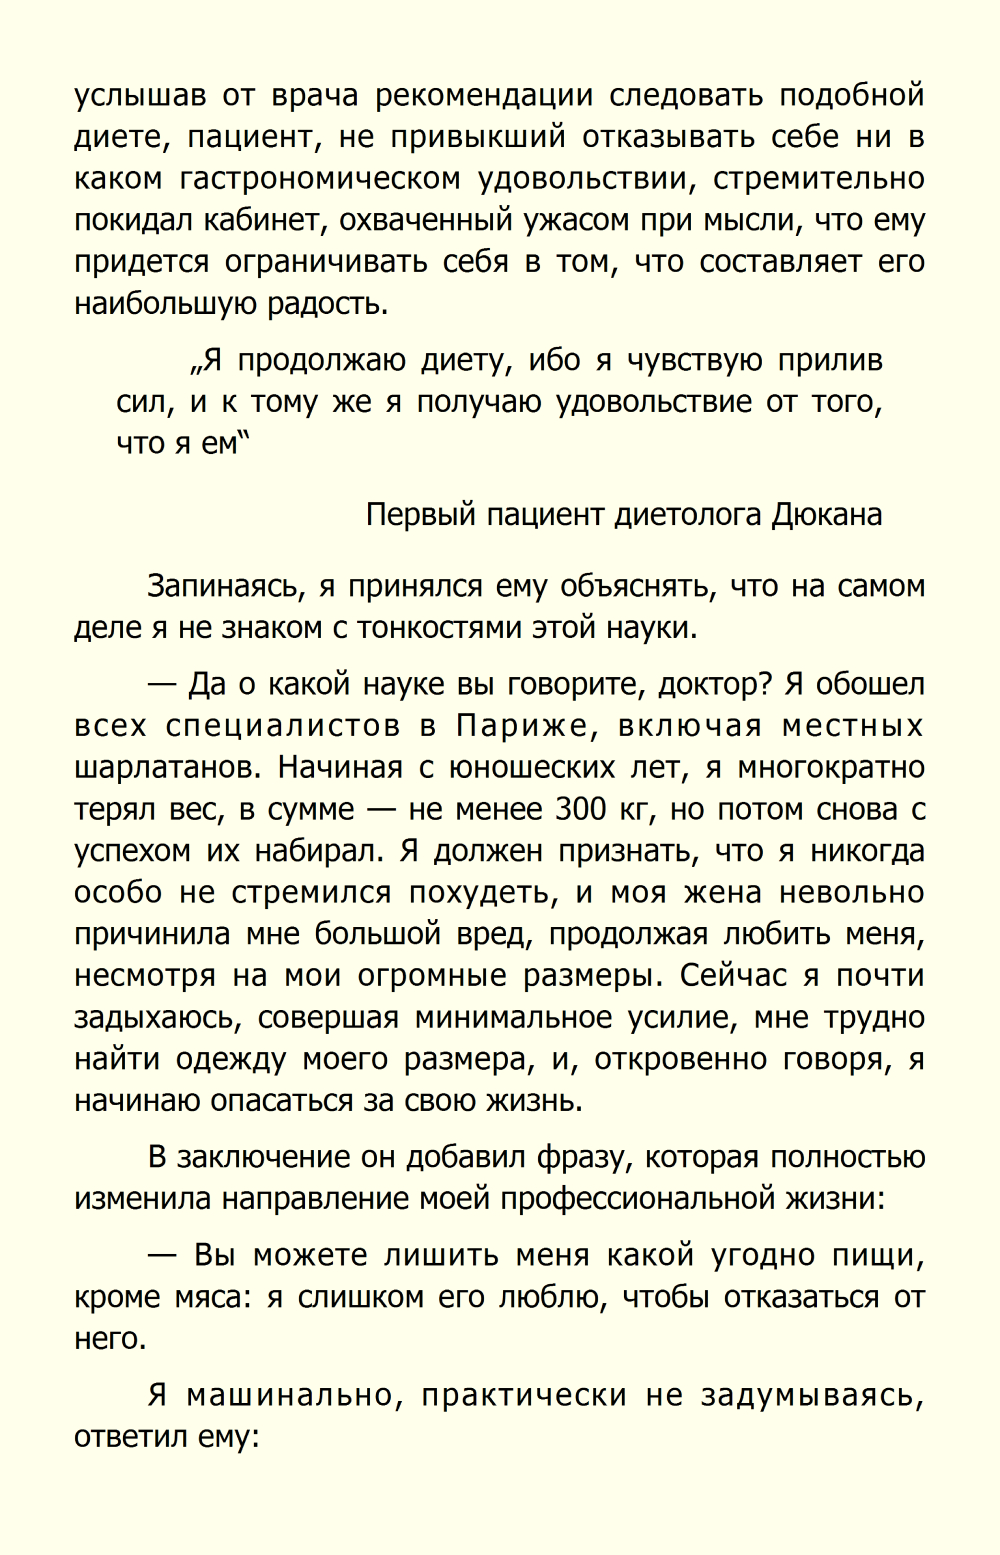 http://i1.imageban.ru/out/2014/01/21/bd467c907759be279ed2aaee8bdff6cf.jpg